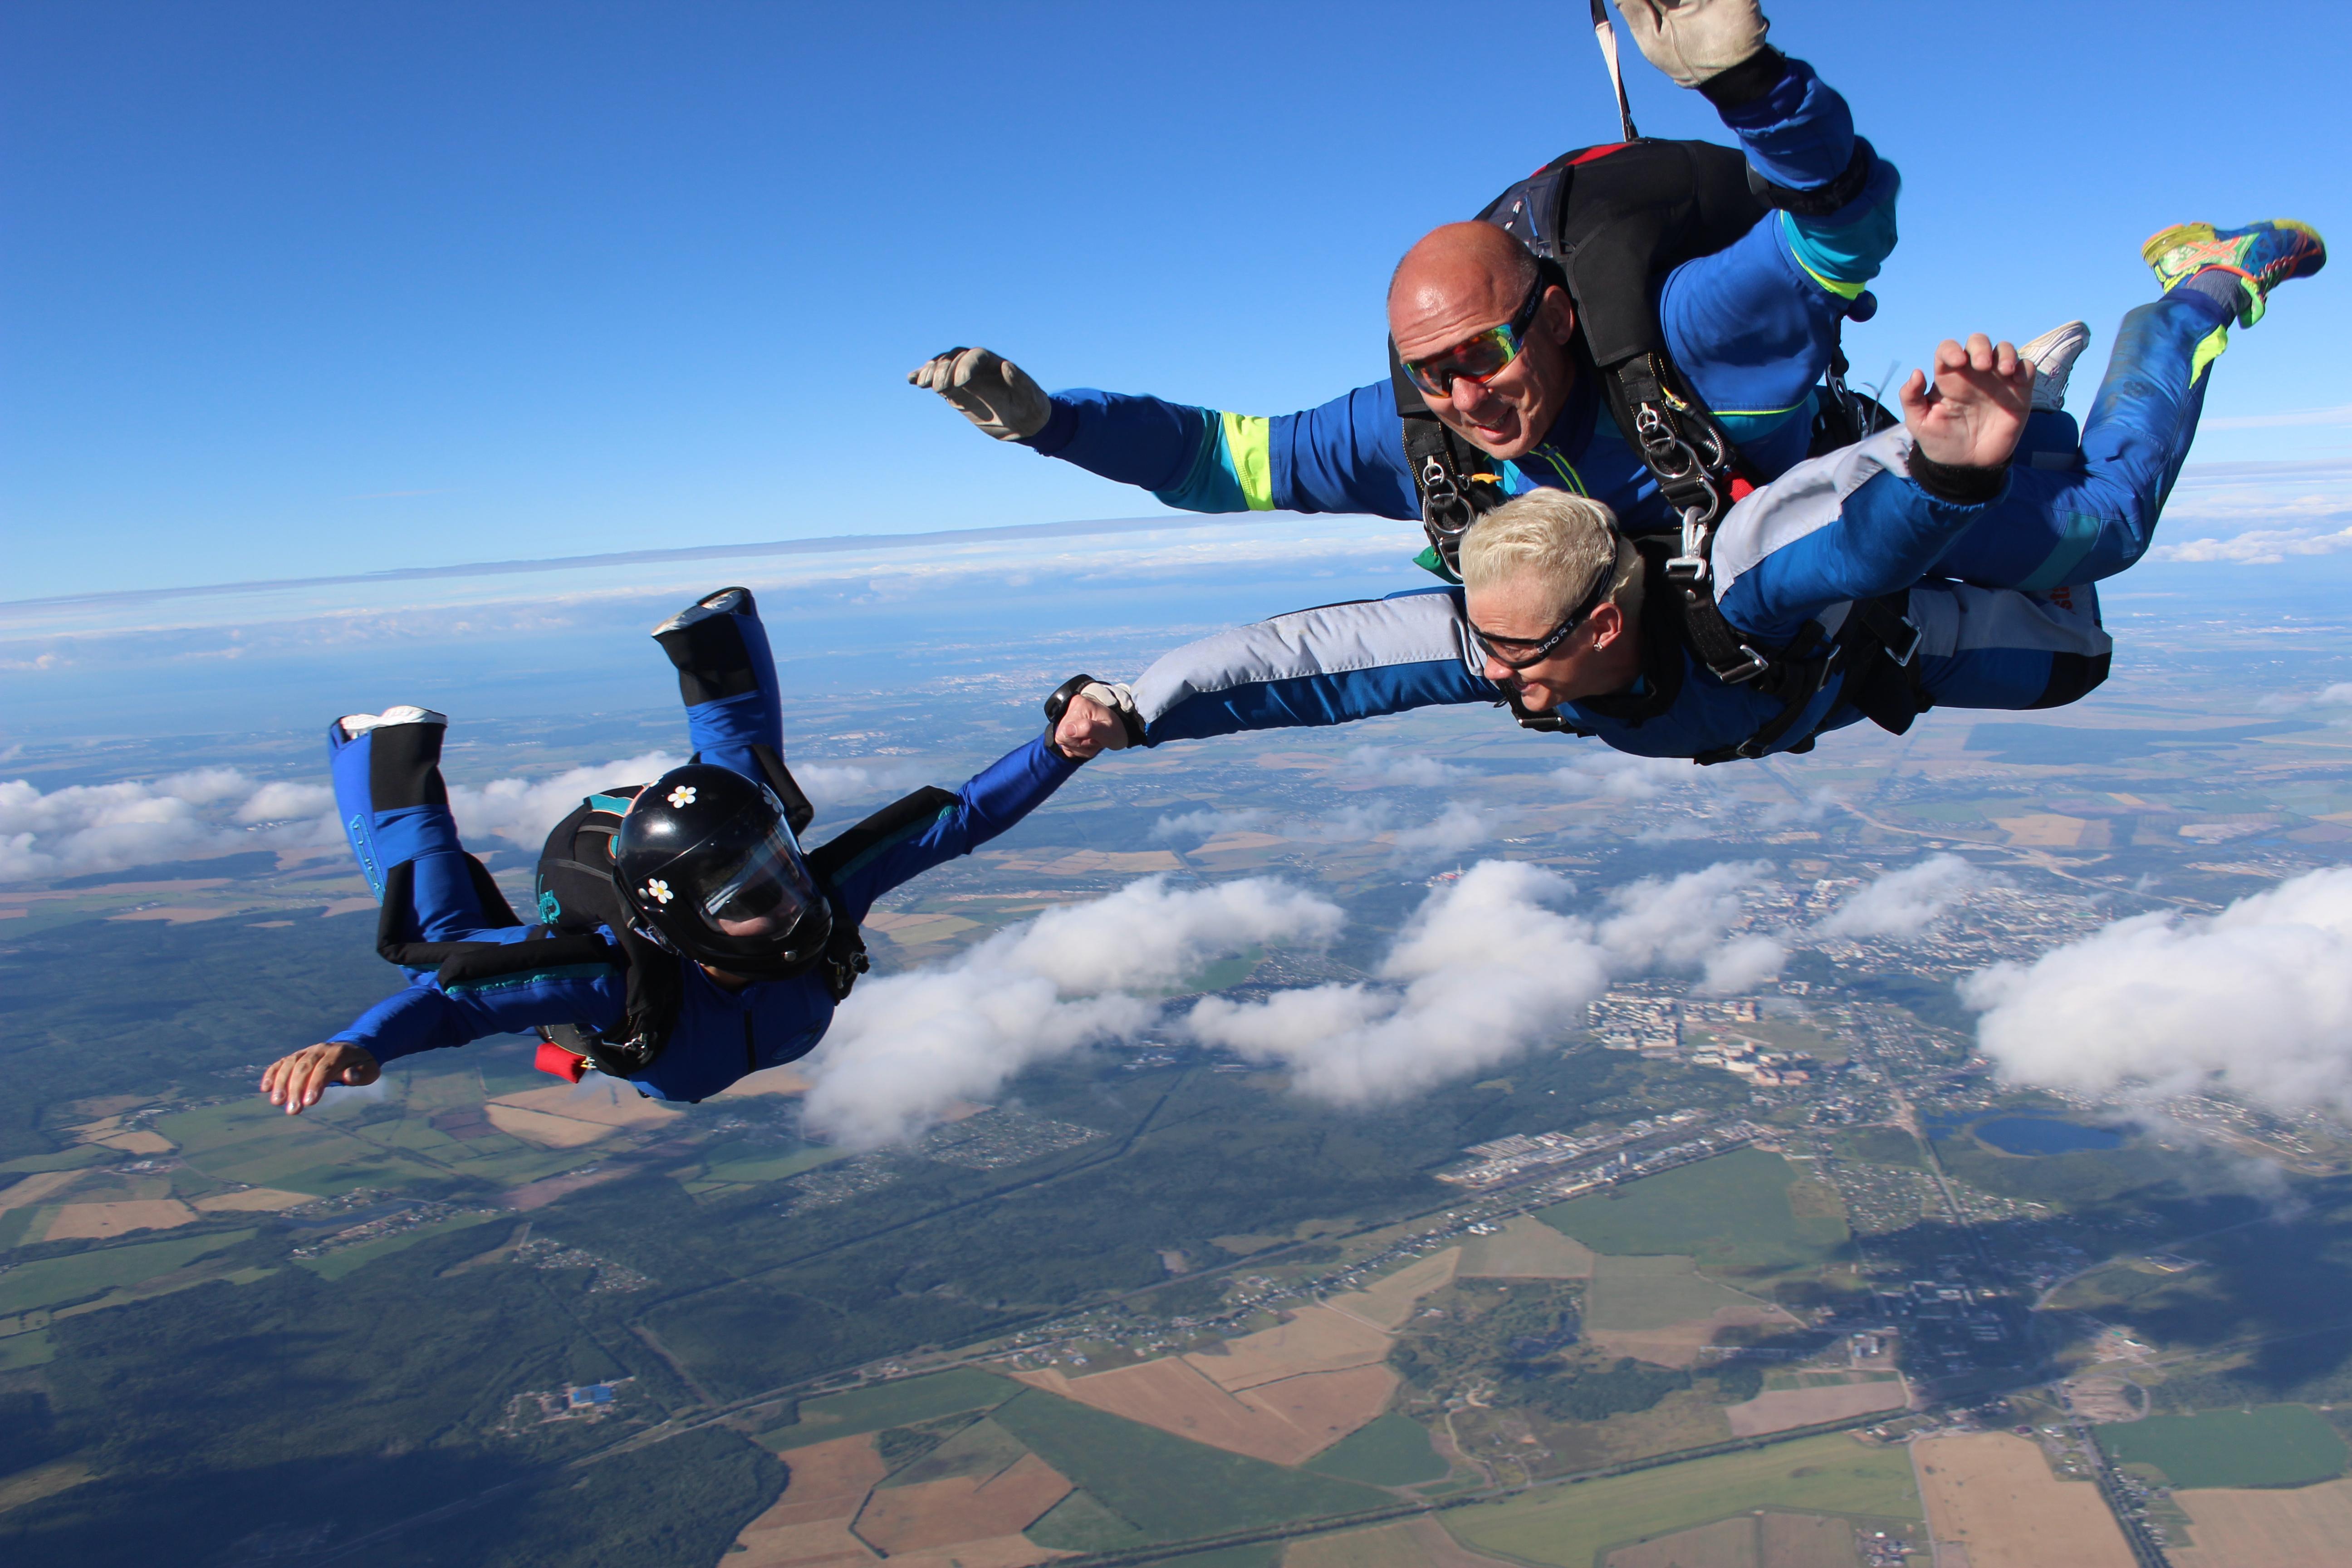 фолз история парашютные прыжки фотографии в хорошем качестве недорого